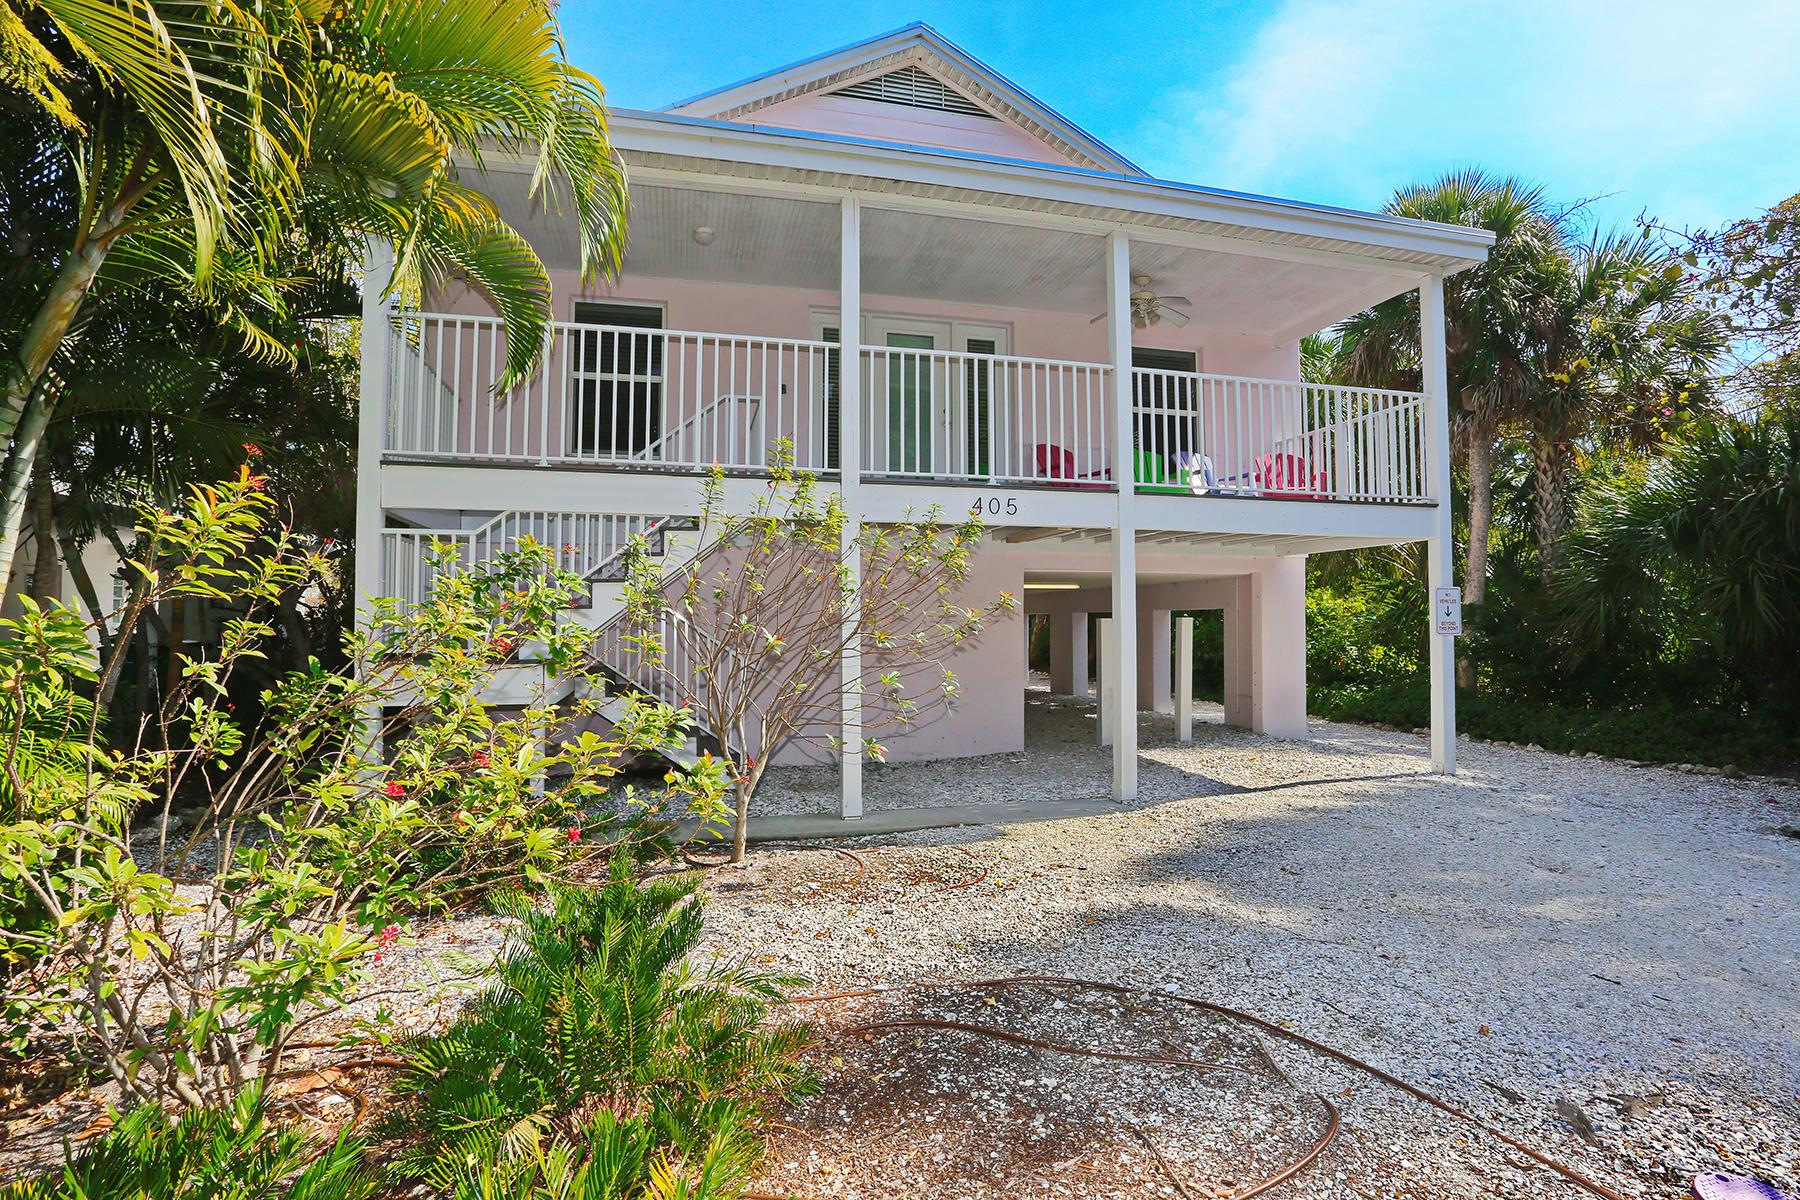 獨棟家庭住宅 為 出售 在 ANNA MARIA 405 Spring Ave Anna Maria, 佛羅里達州 34216 美國